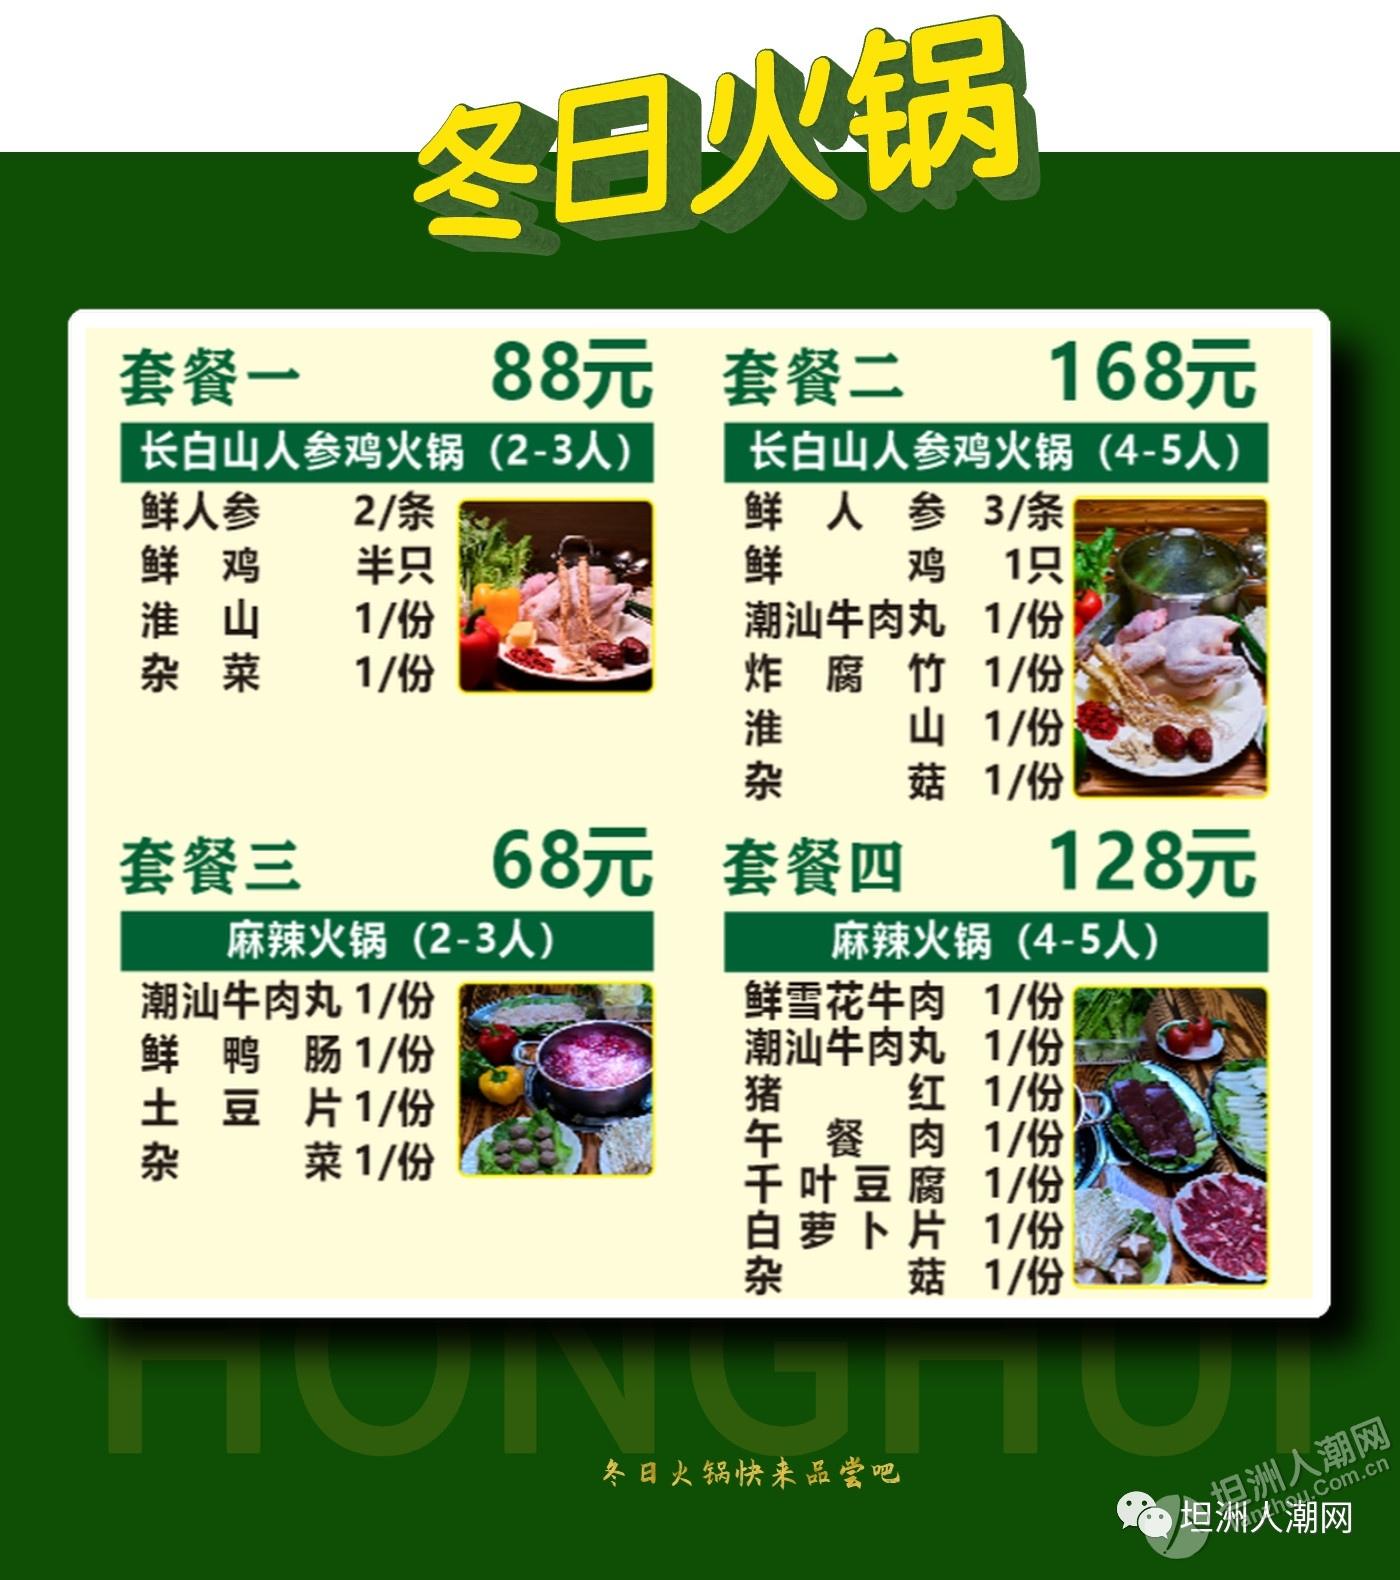 寻美食|坦洲火锅优惠大全!牛肉火锅、椰子鸡、人参鸡、水鱼...